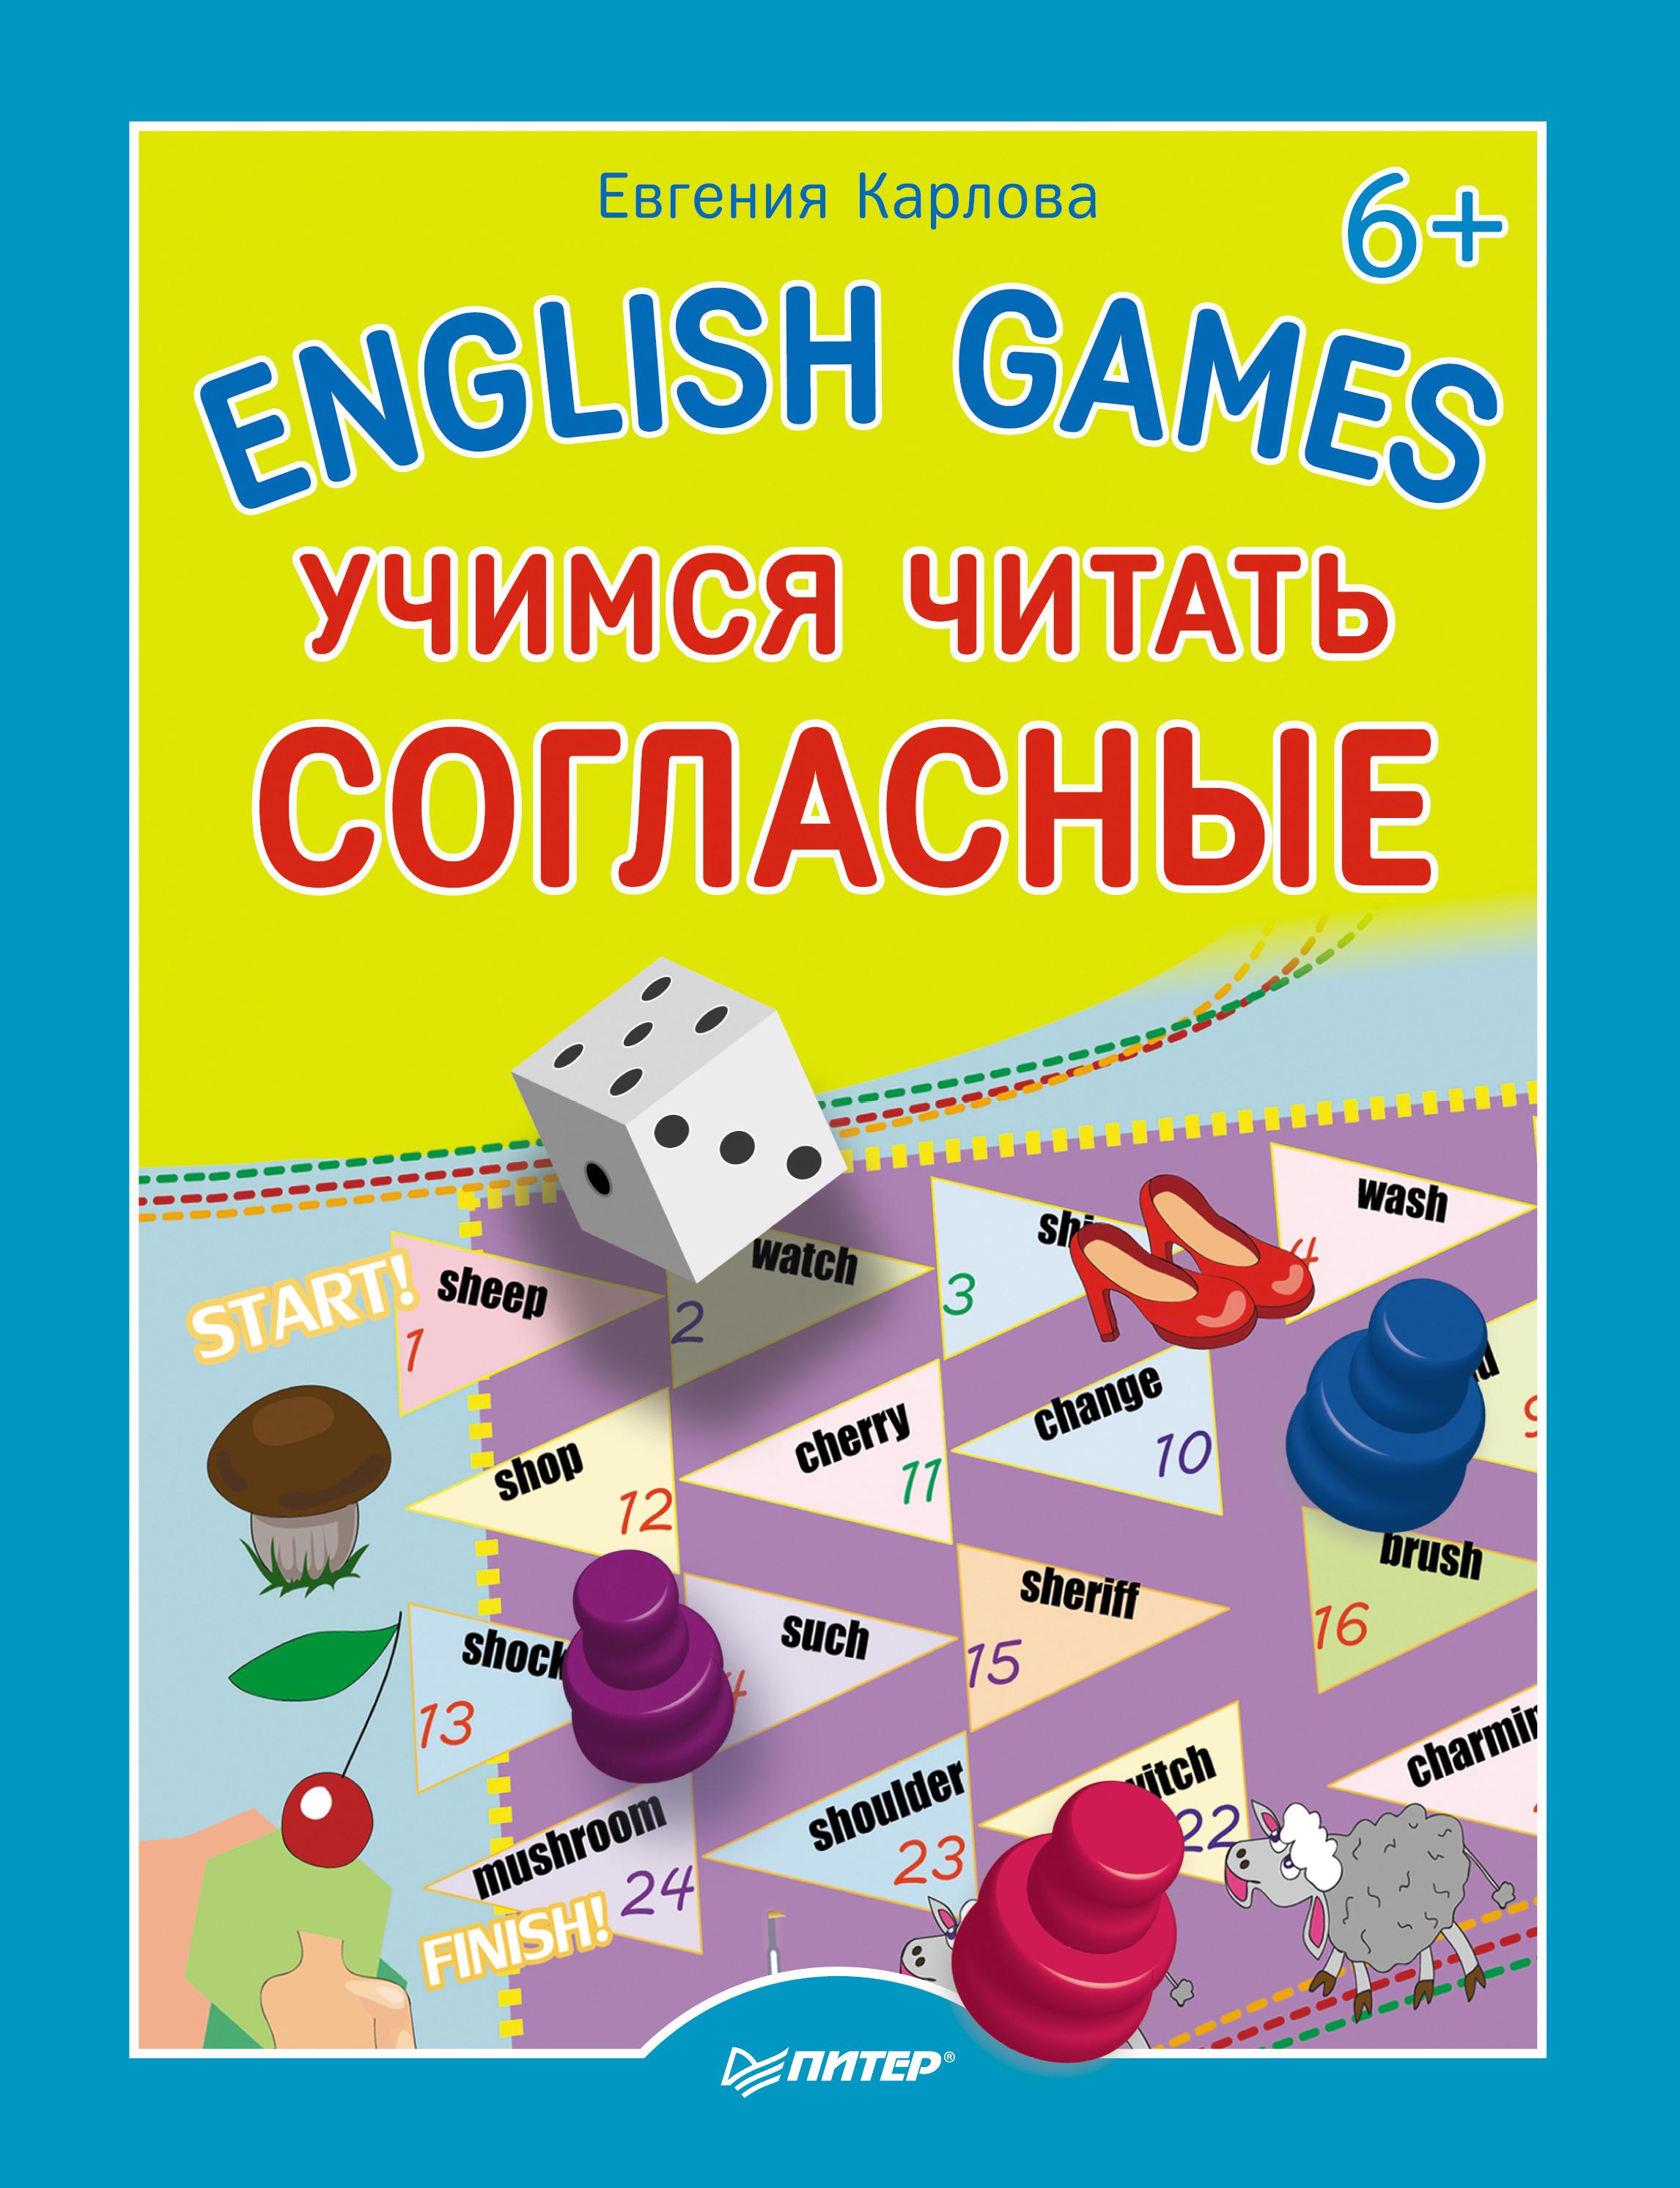 Евгения Карлова English Games. Учимся читать согласные евгения карлова english games учимся читать согласные